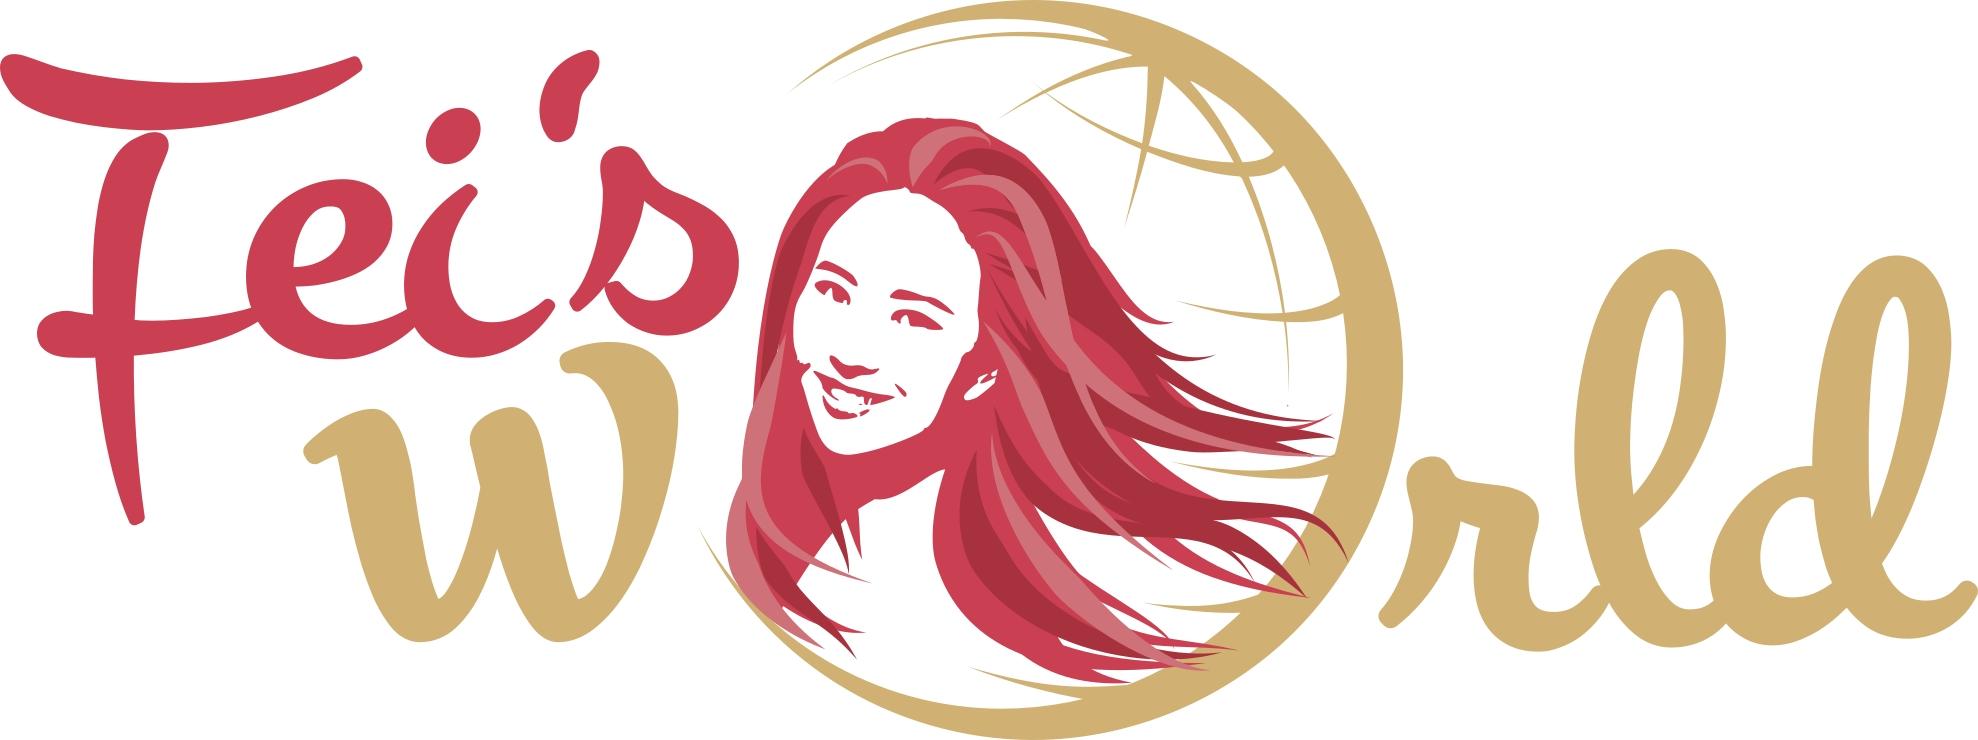 Feisworld-logo-large.jpg